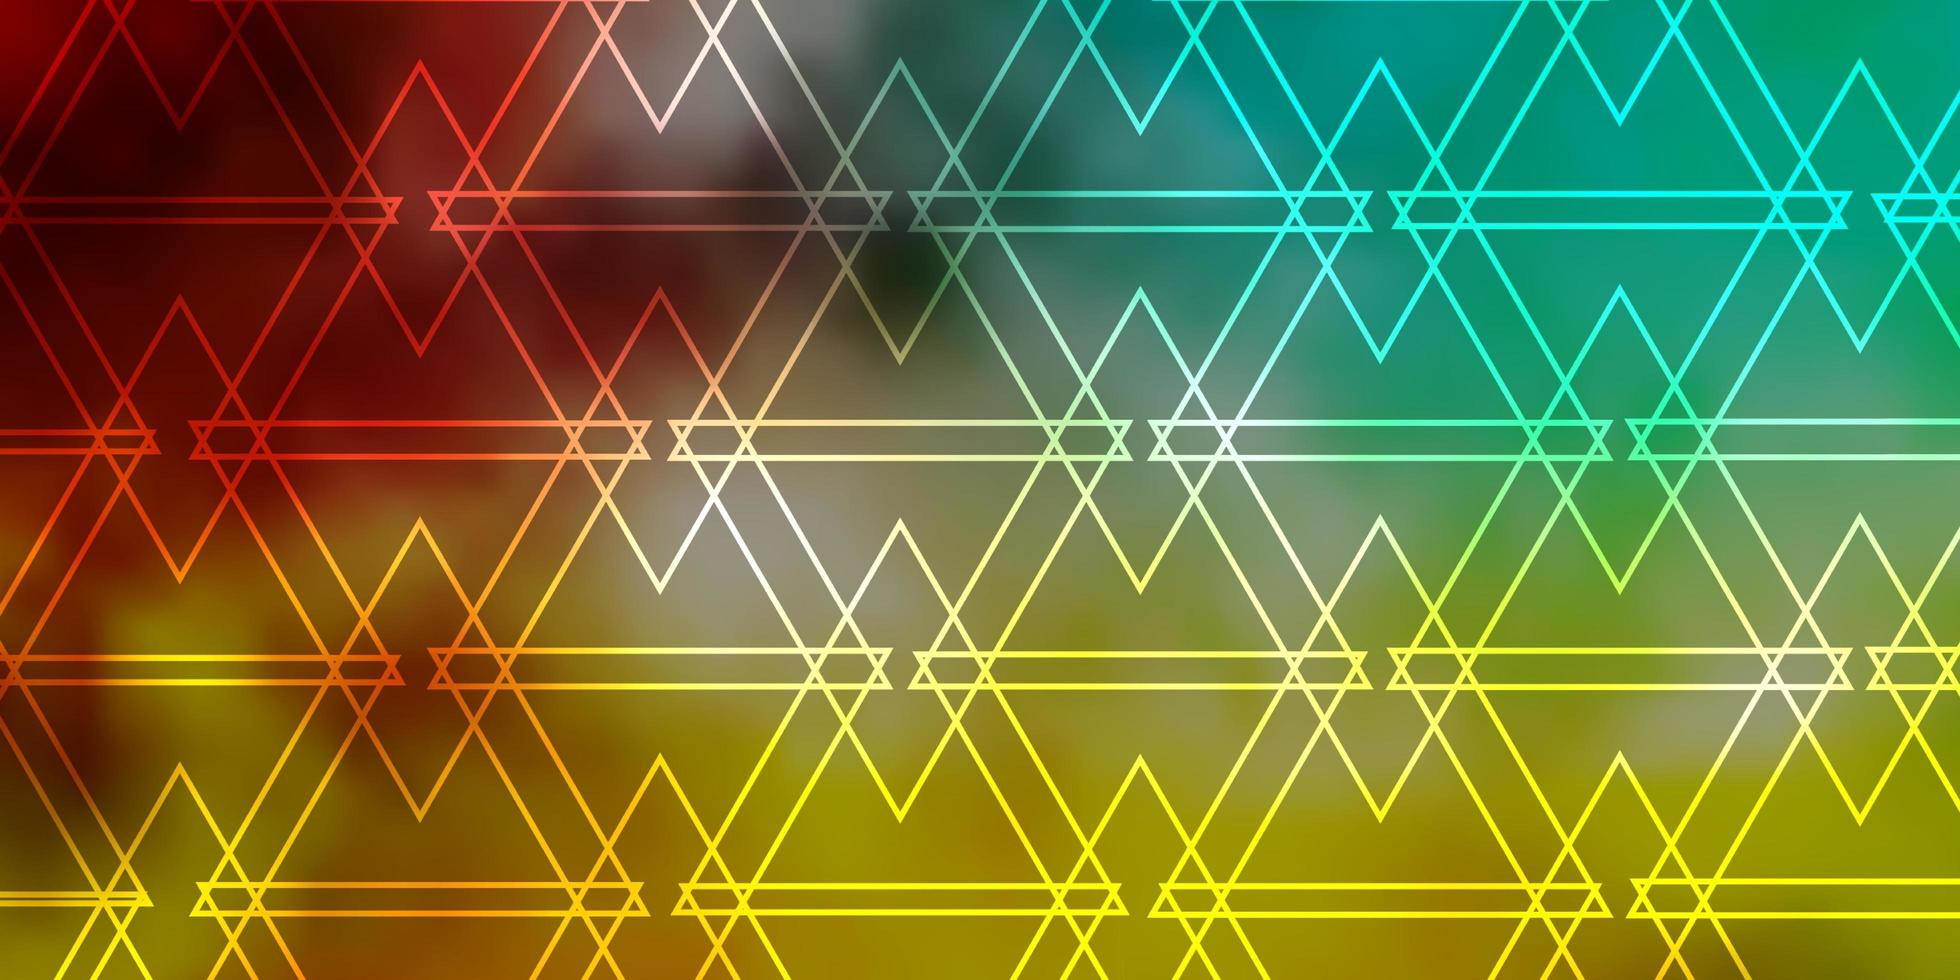 ljus flerfärgad vektorbakgrund med linjer, trianglar. vektor